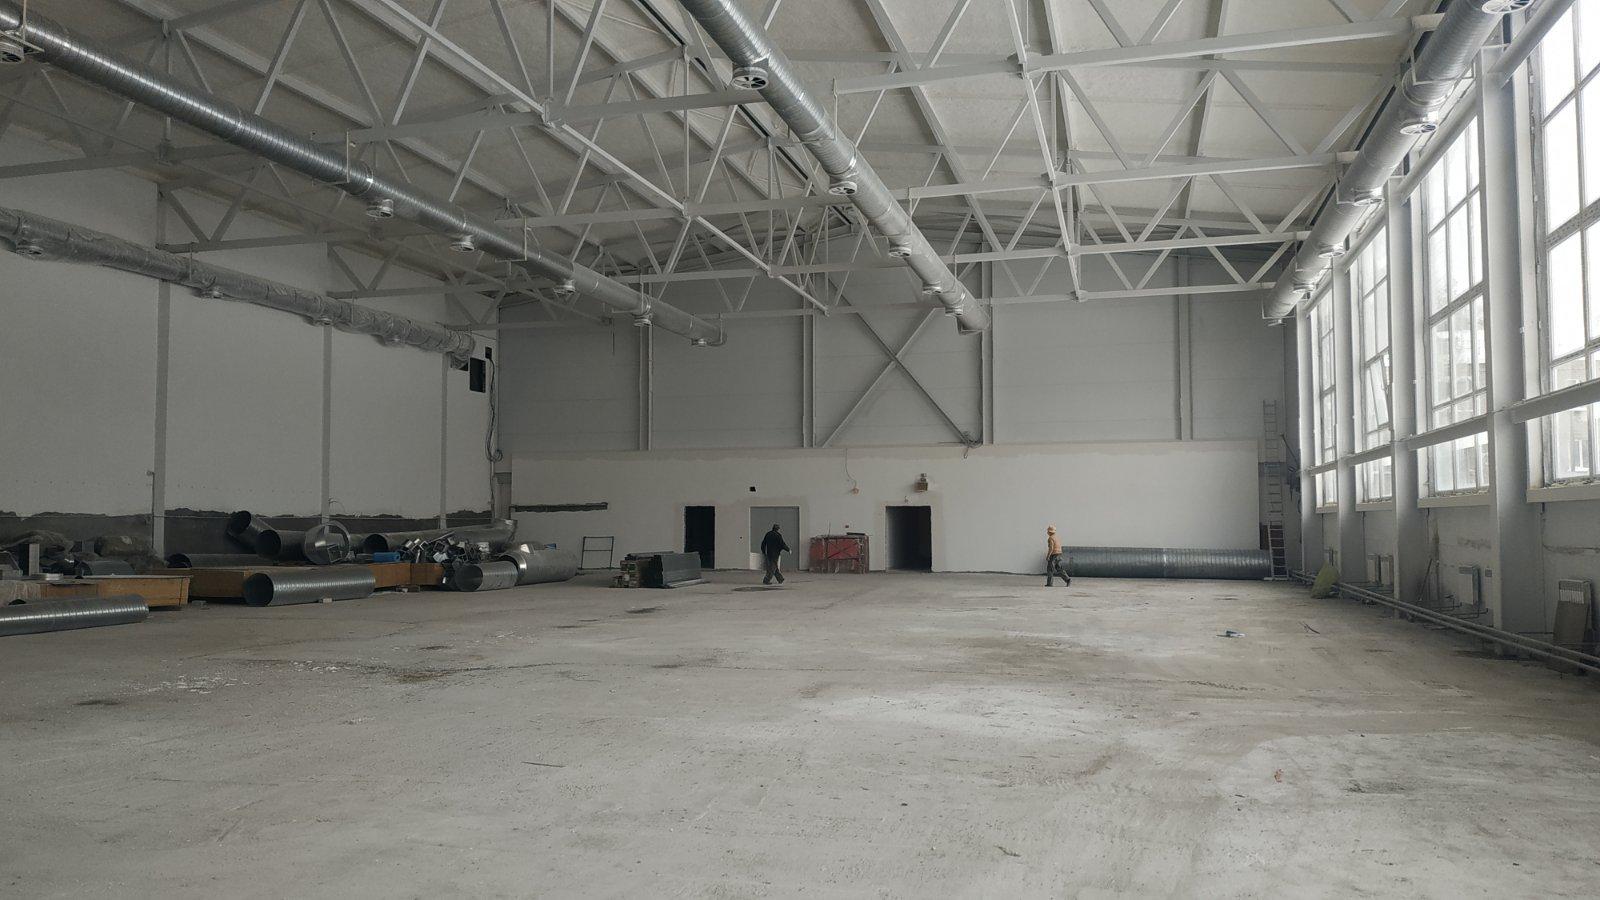 Строительство спорткомплекса «Спартак-Арена» продолжается в Брянске